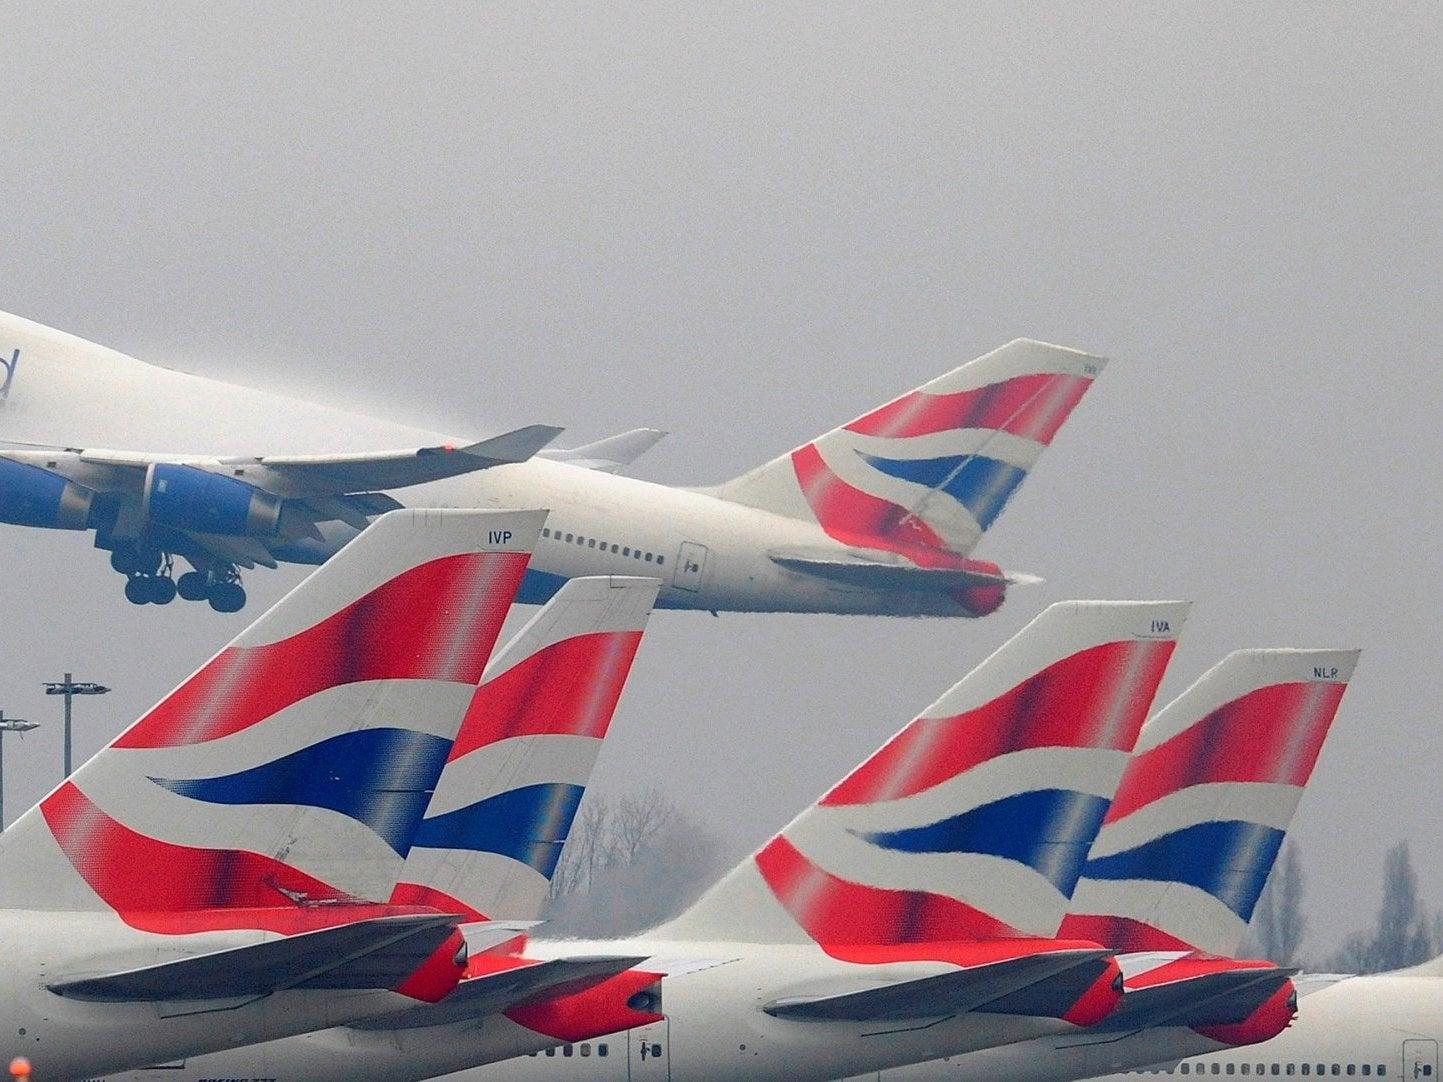 British Airways strike threat: When could the walkout take